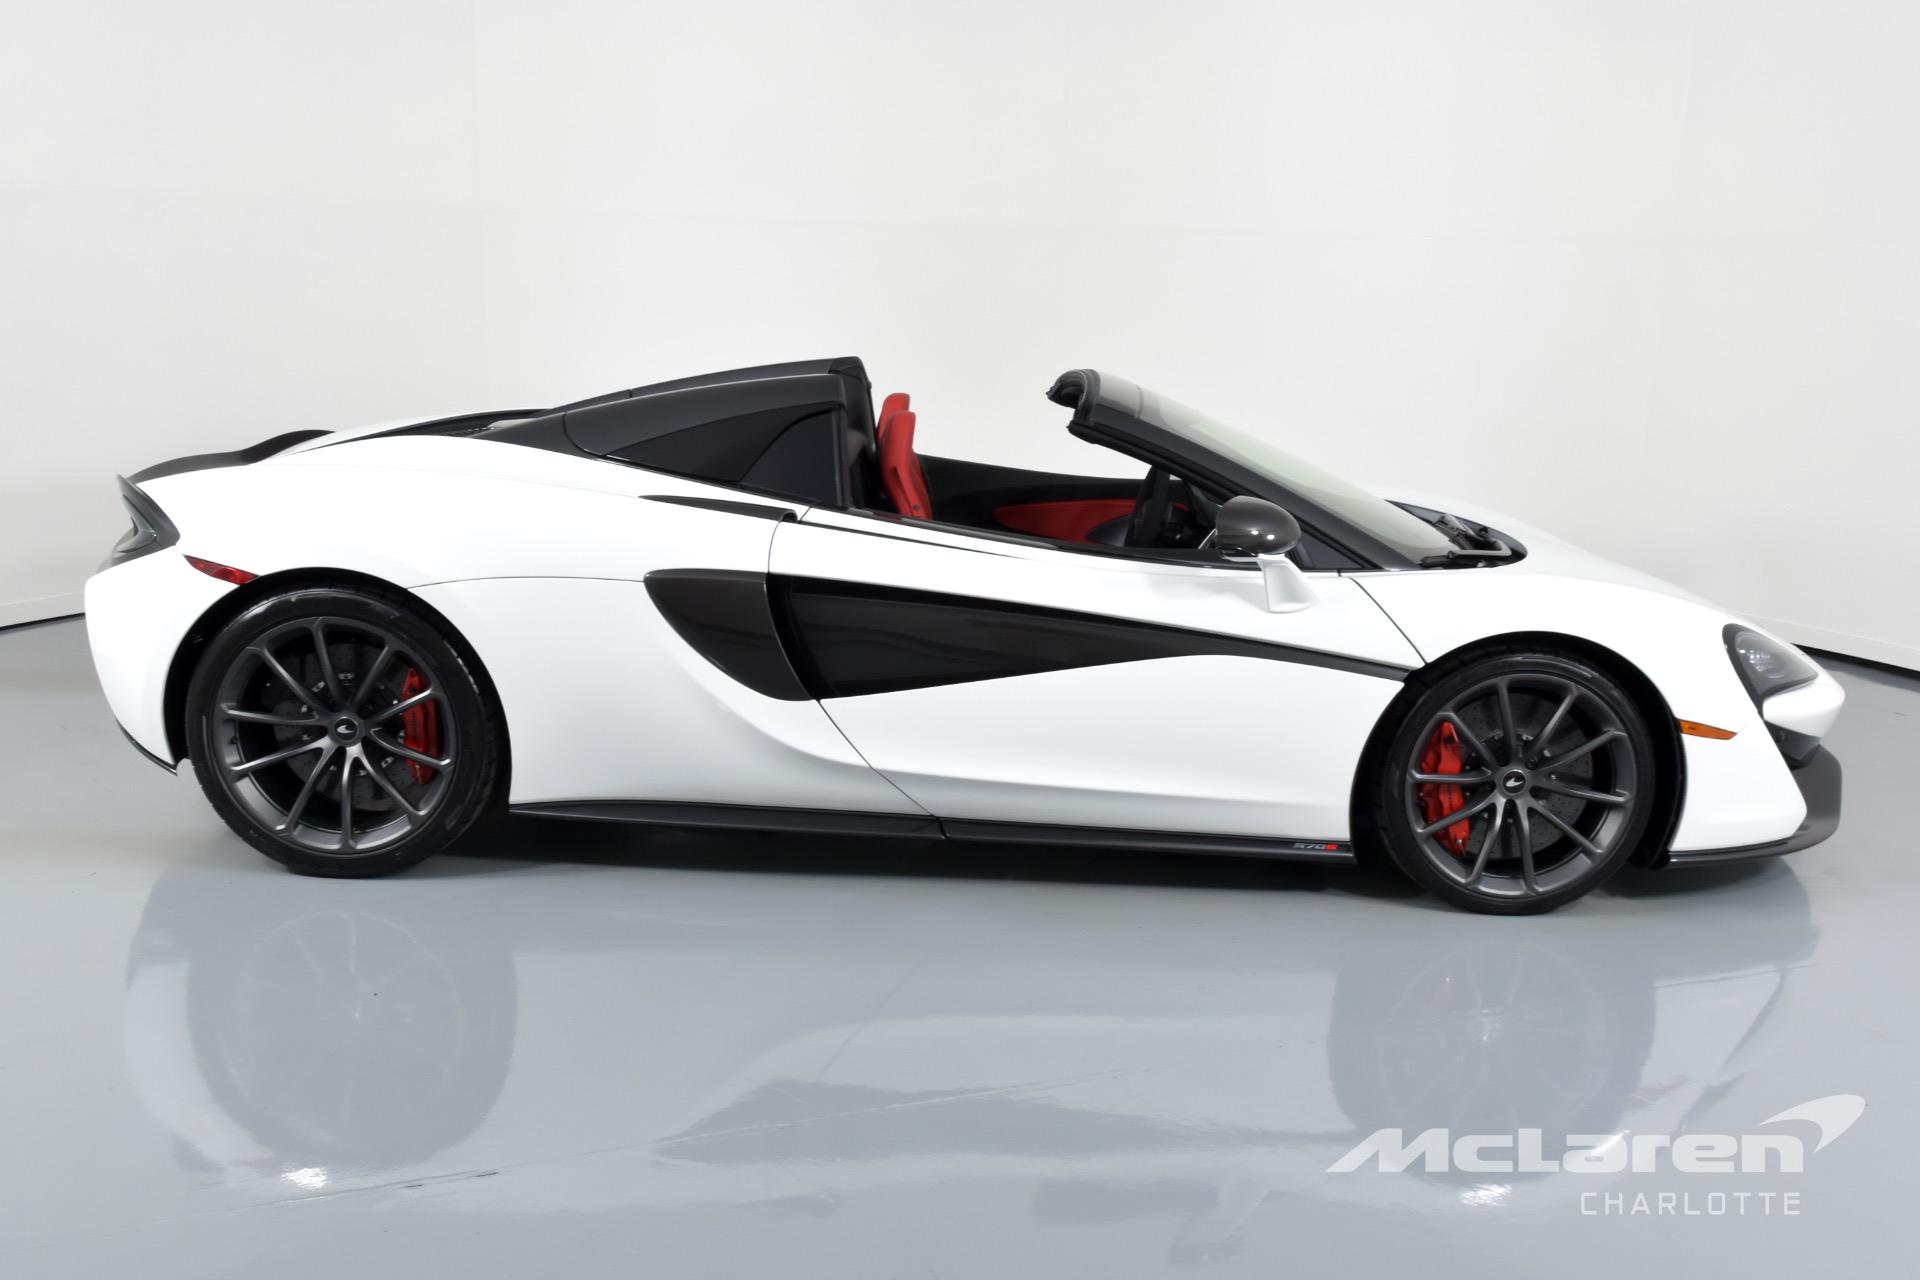 New 2019 McLaren 570S Spider  | Charlotte, NC